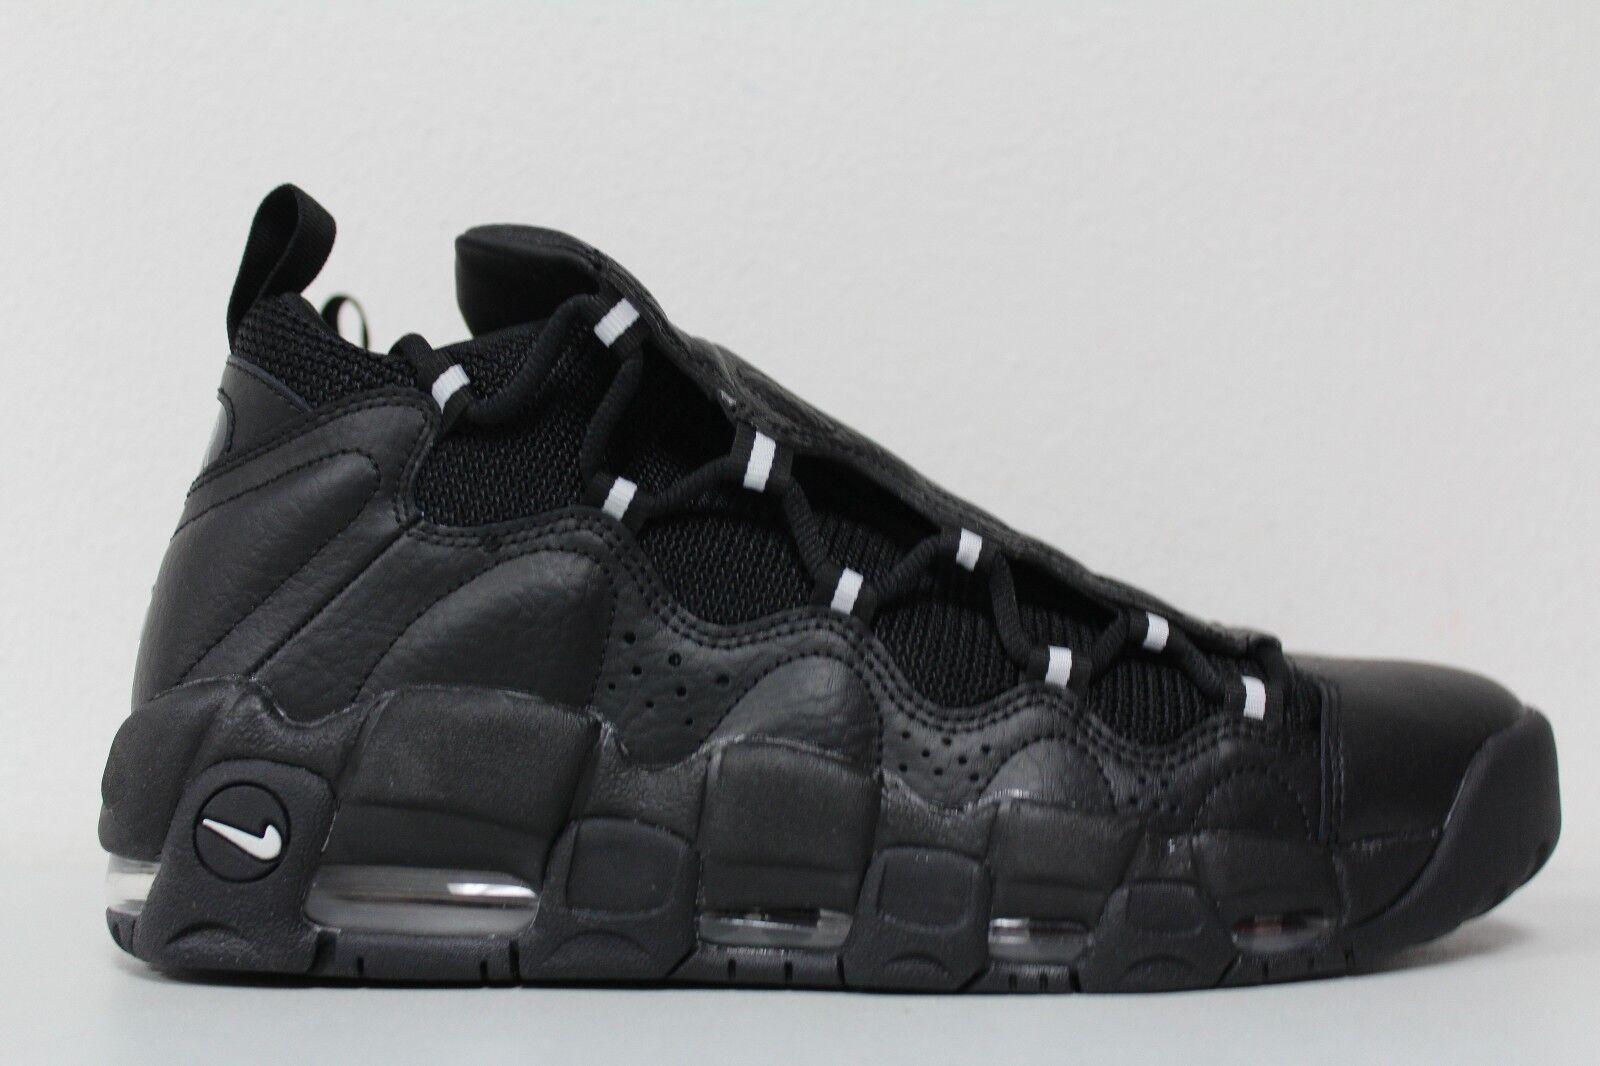 Nike Air More Money Black Mettalic Silver Uptempo Pippen AJ2998-002 Size 10.5